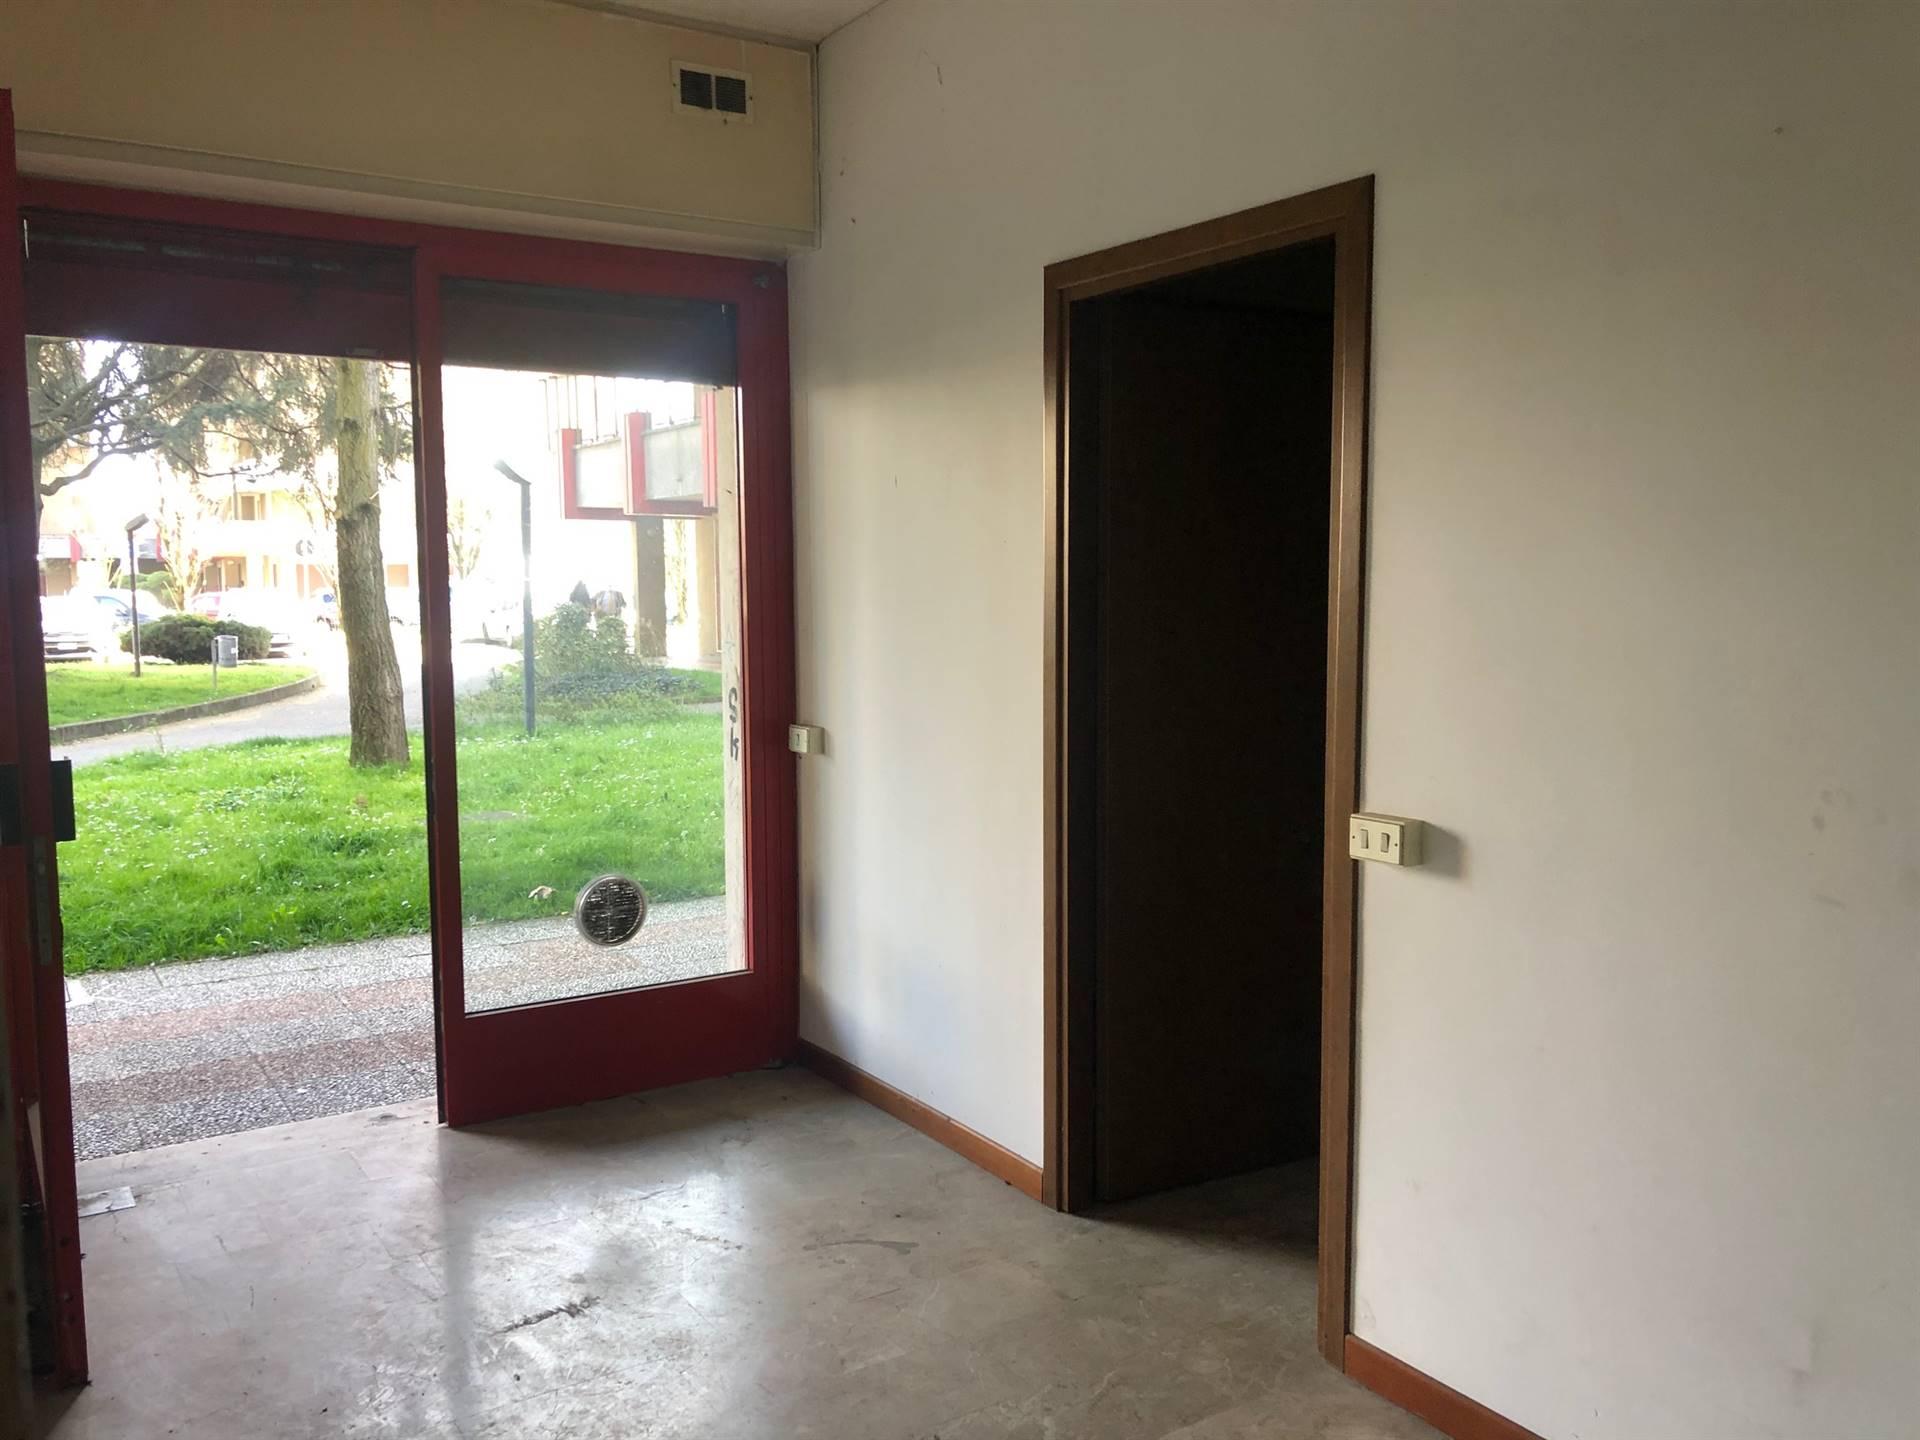 Negozio / Locale in vendita a Pieve Emanuele, 1 locali, zona Località: VIA DELLE ROSE, prezzo € 45.000   PortaleAgenzieImmobiliari.it